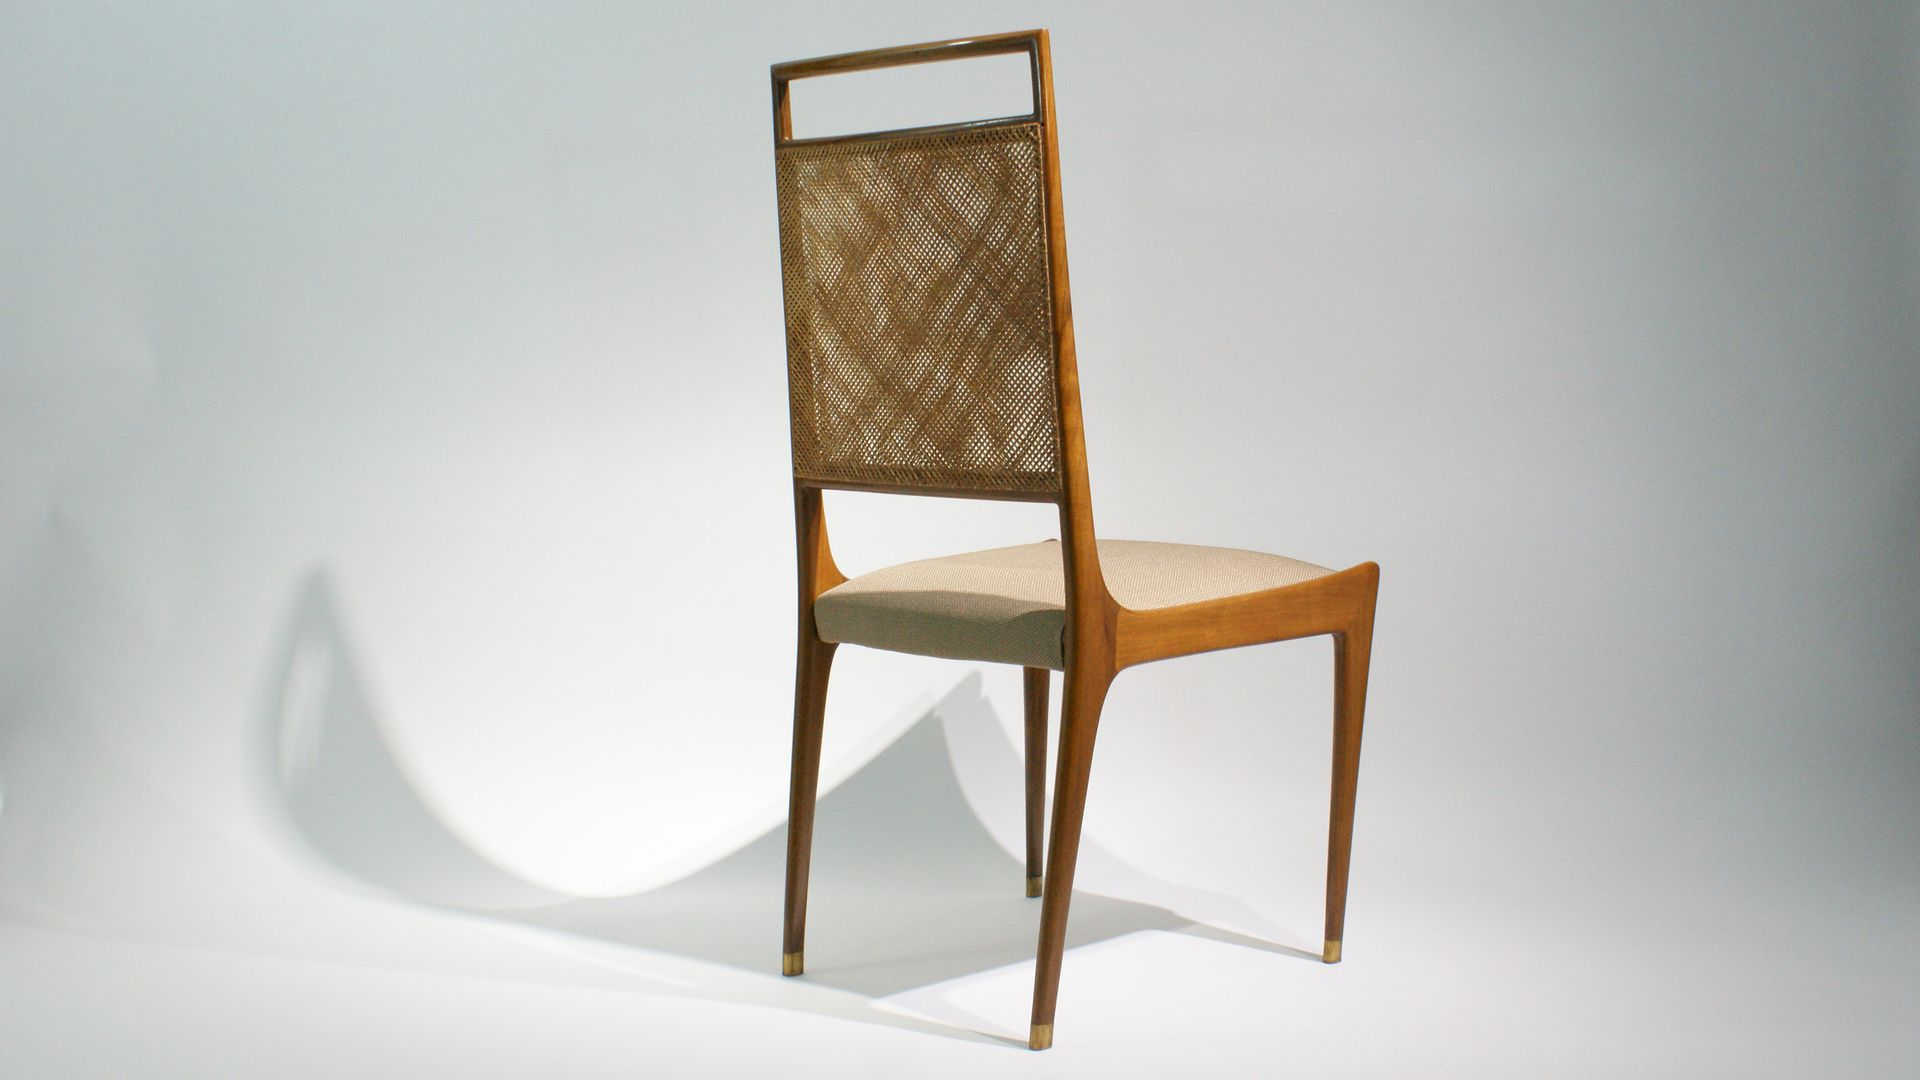 franz sische st hle aus palisander korbgeflecht 1950er. Black Bedroom Furniture Sets. Home Design Ideas